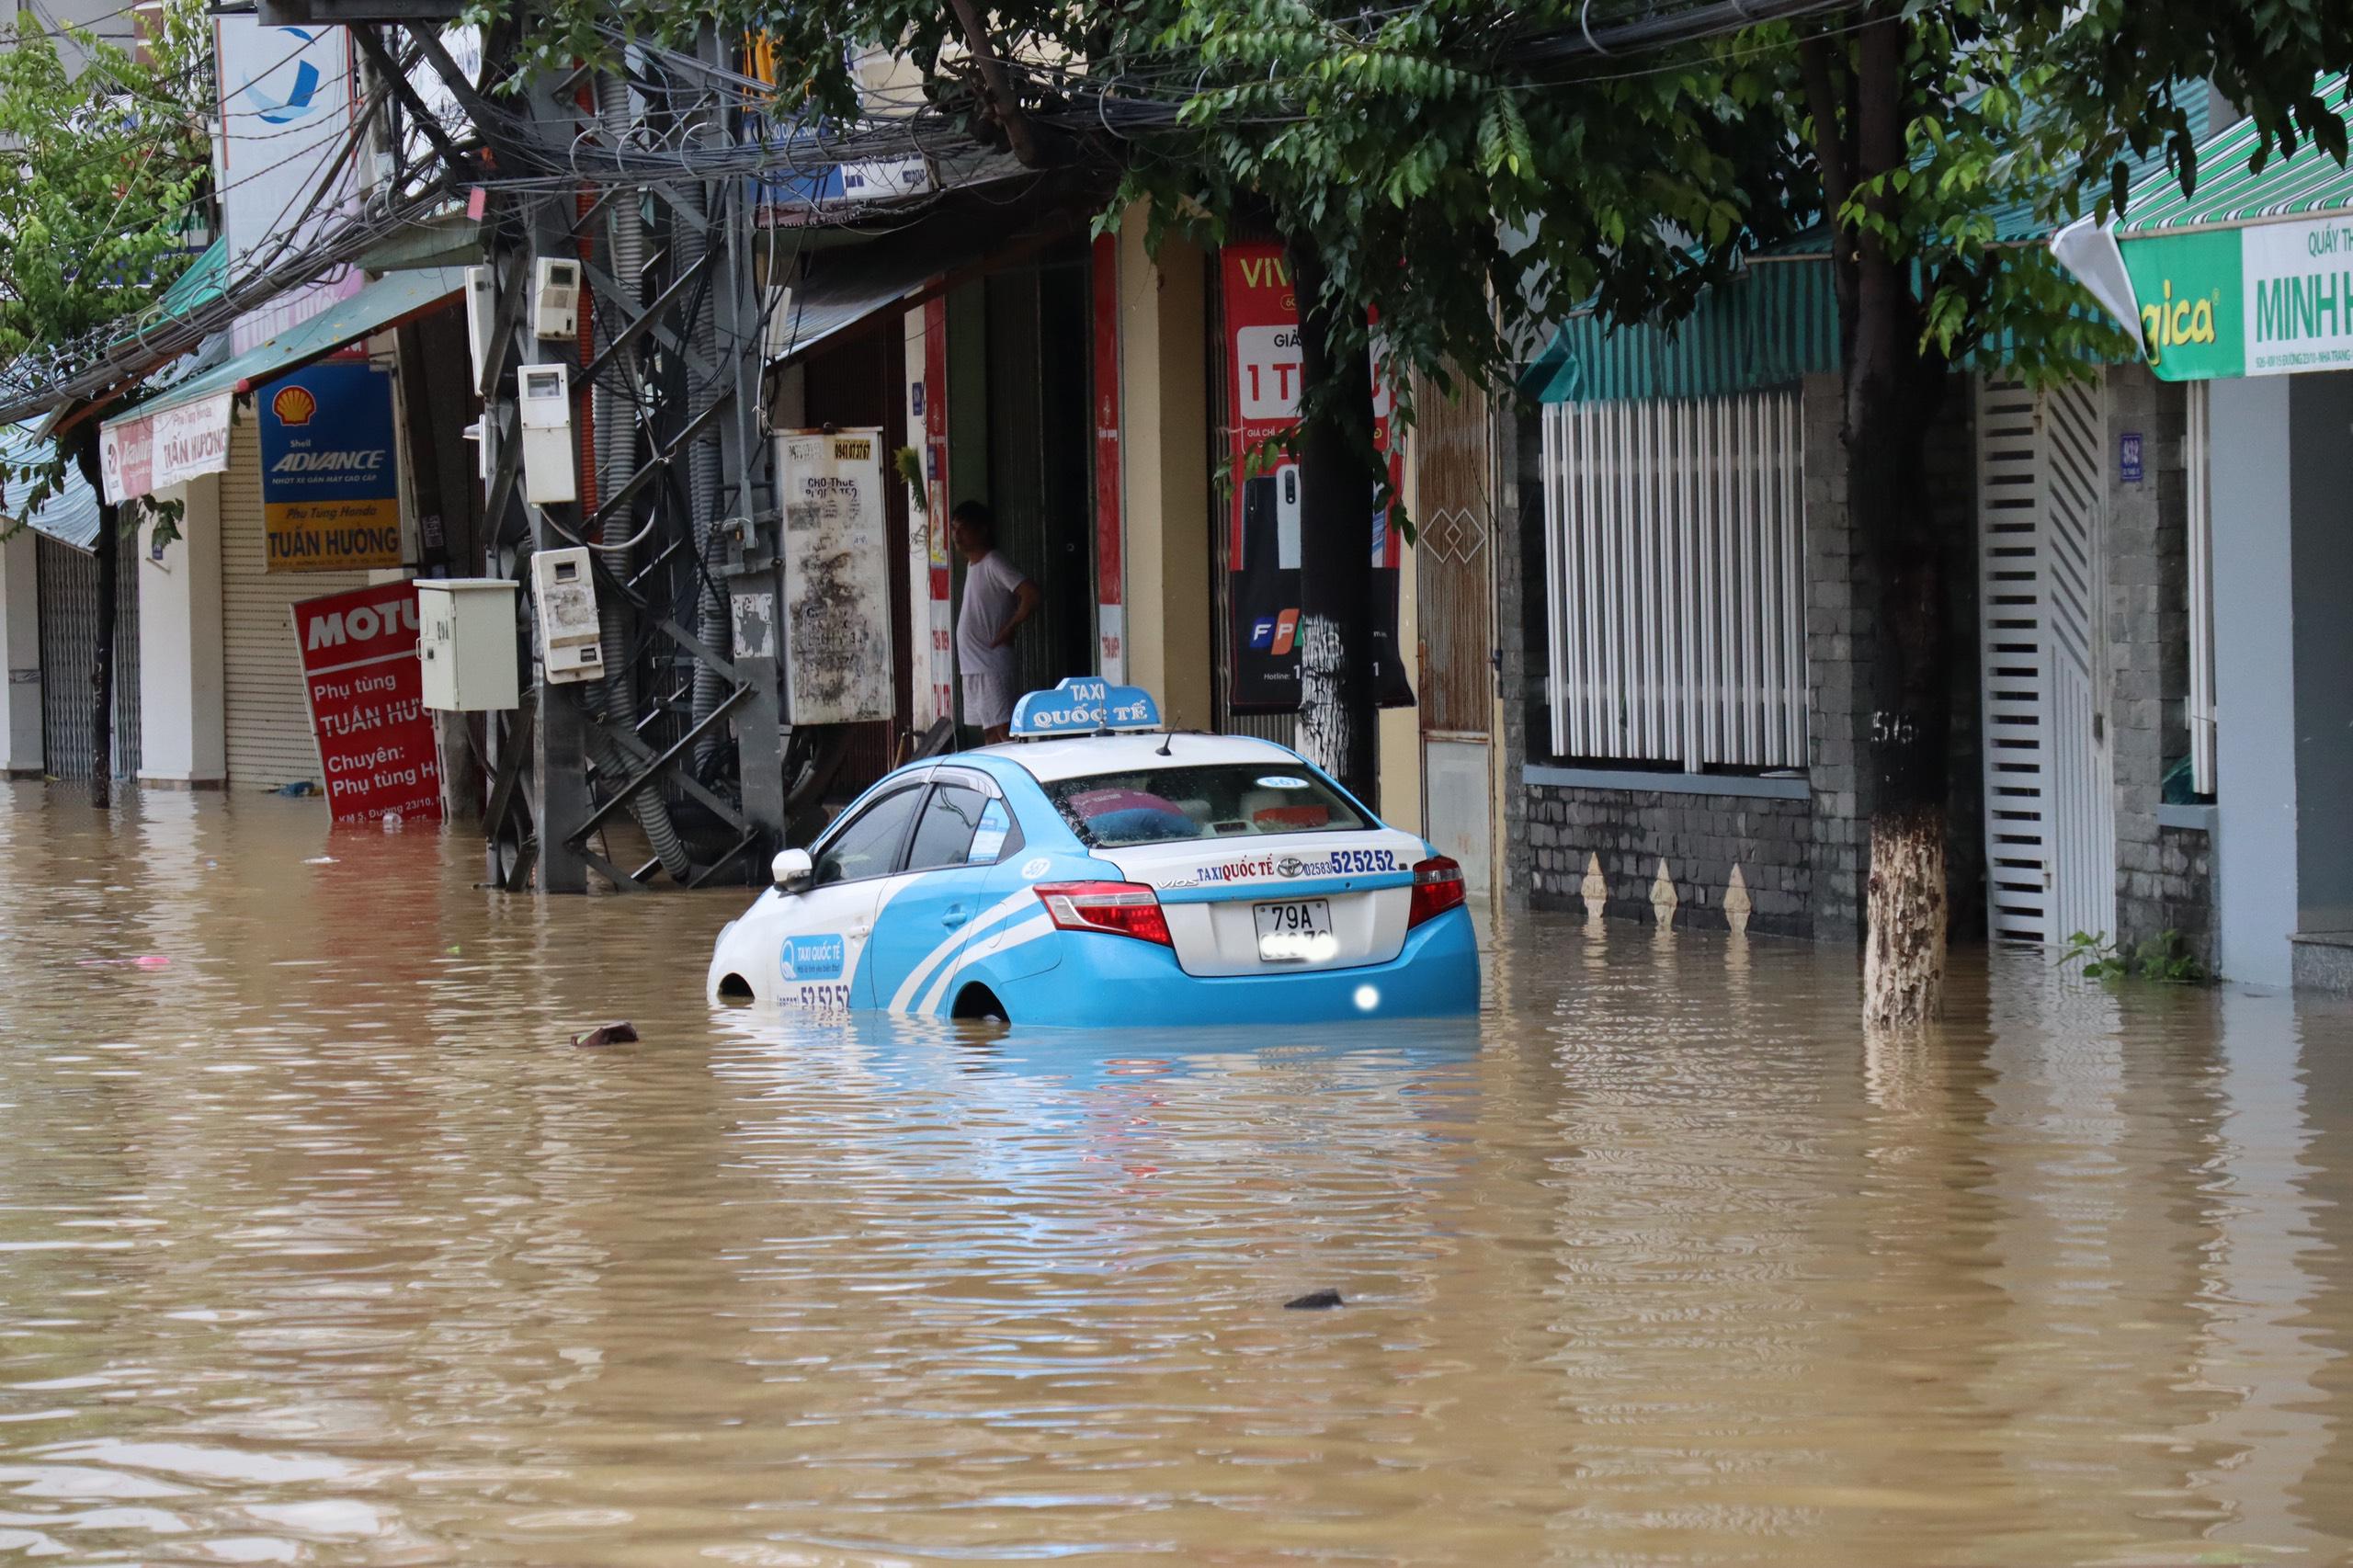 Nha Trang ngập lụt diện rộng, giao thông chia cắt, 4 người thiệt mạng - Ảnh 2.